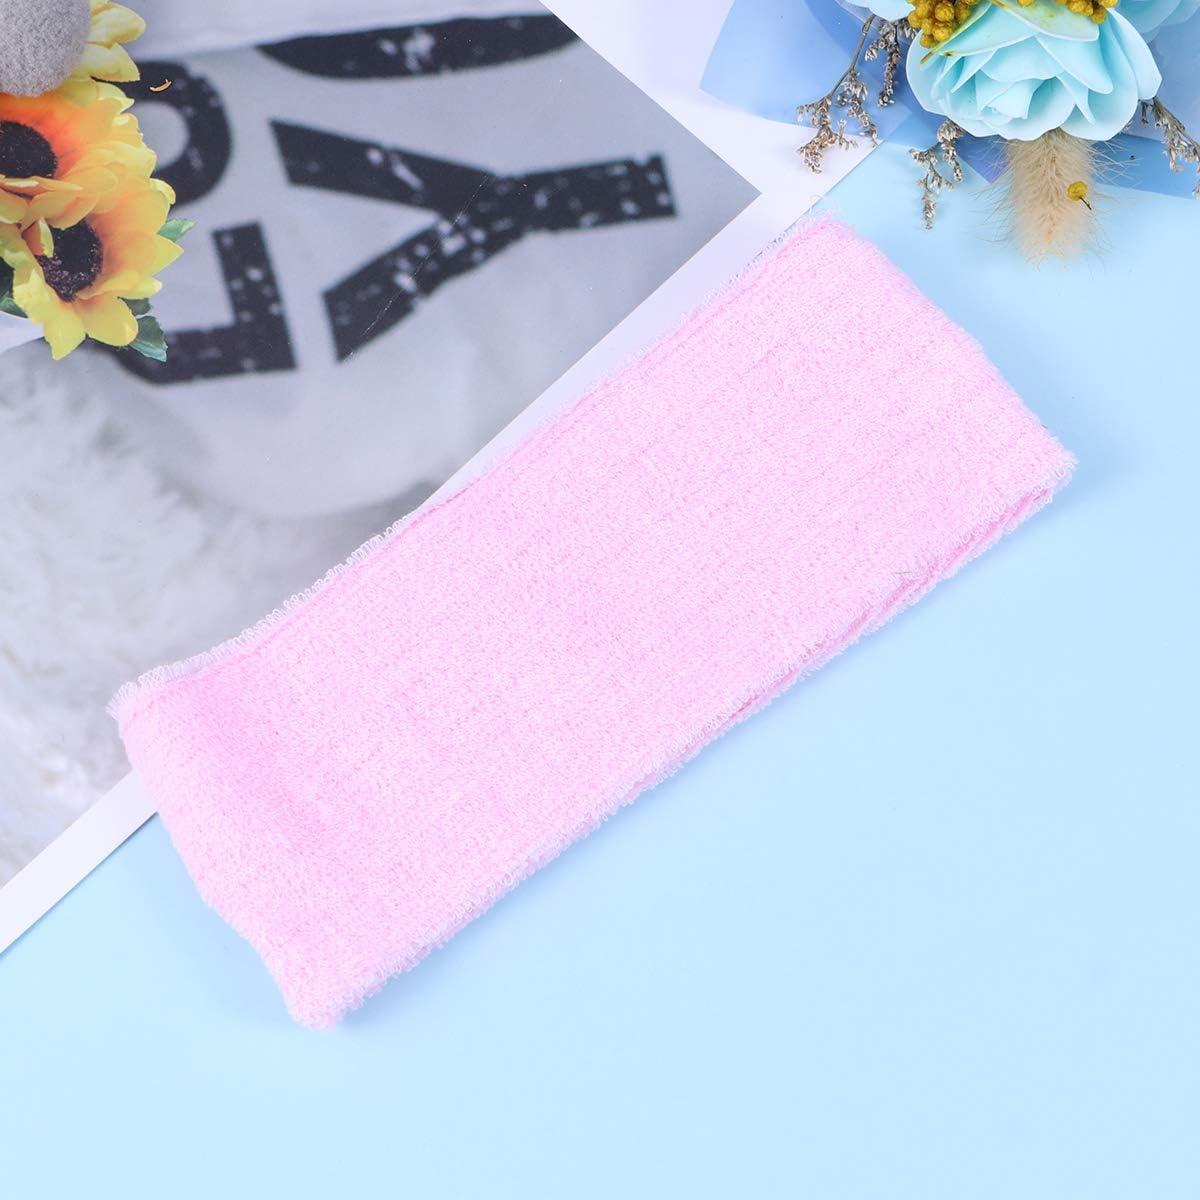 Rose LIOOBO Bandeaux Sportifs en Molleton de Yoga pour Le Visage Bandeau pour Le Visage Maquillage Wrap Head Bandeau en Tissu /éponge Serviette r/églable